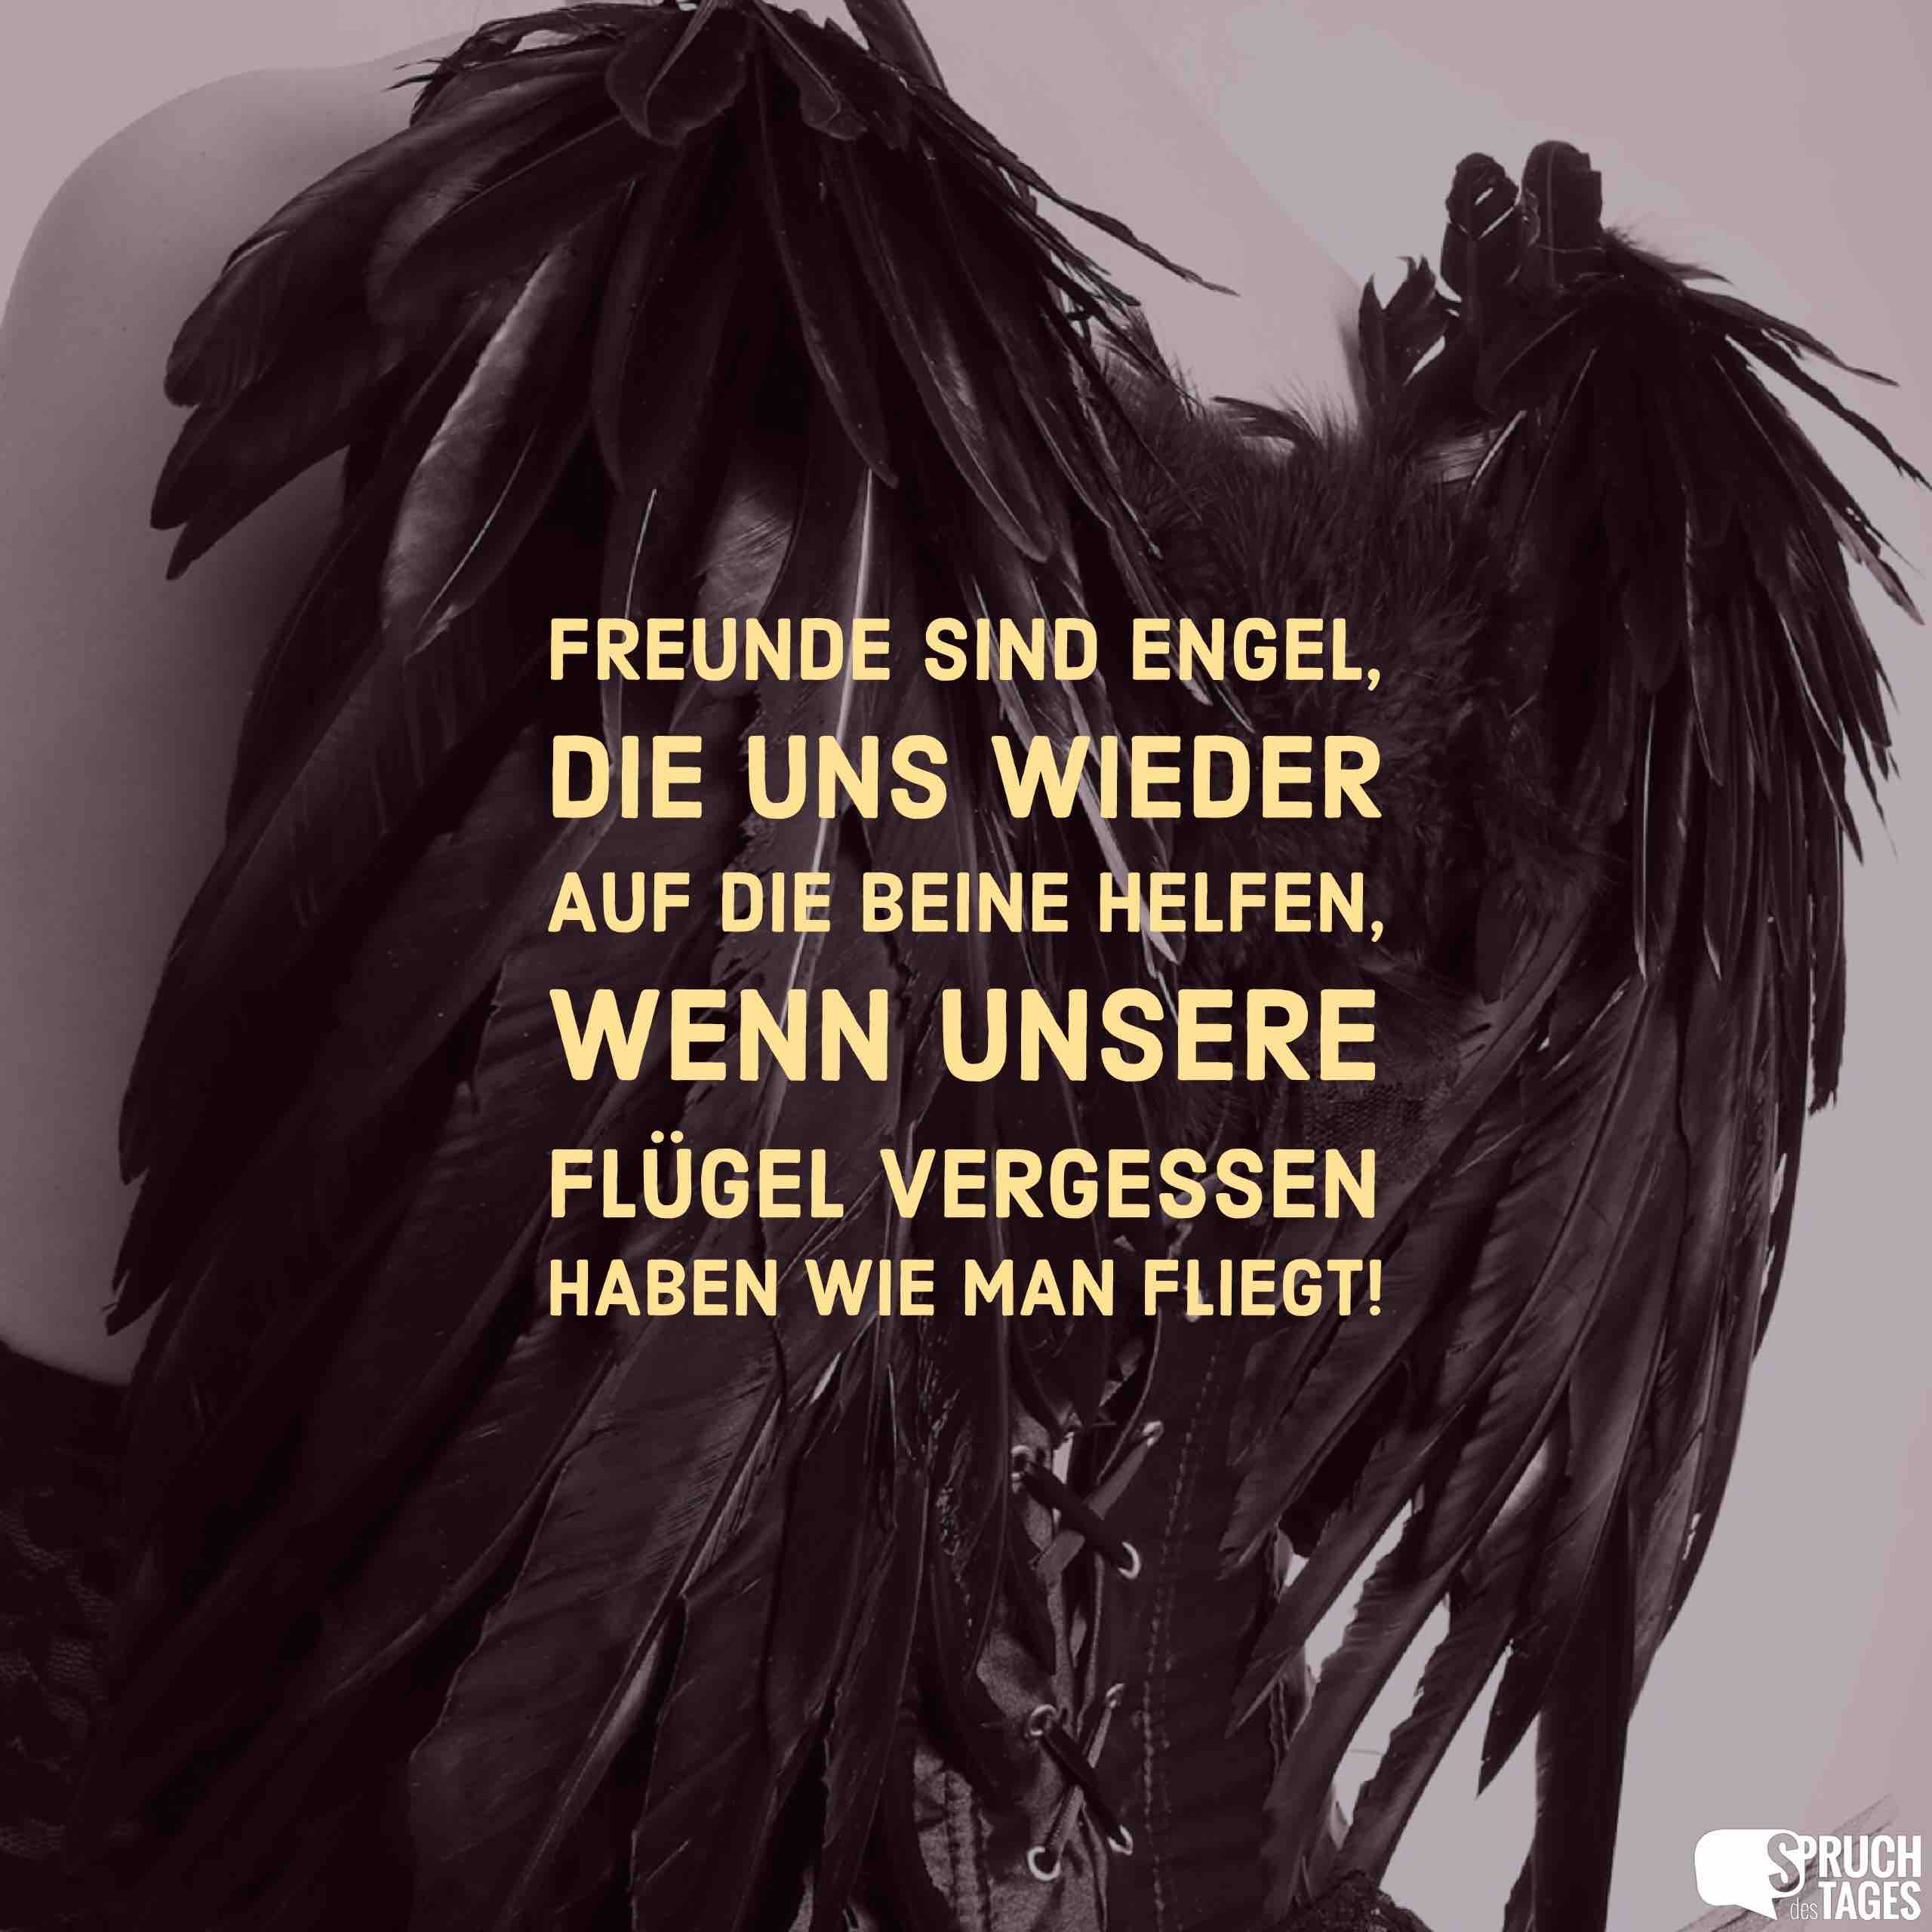 Wunderbar Schutzengel Sprüche Referenz Von Freunde Sind Engel, Die Uns Wieder Auf